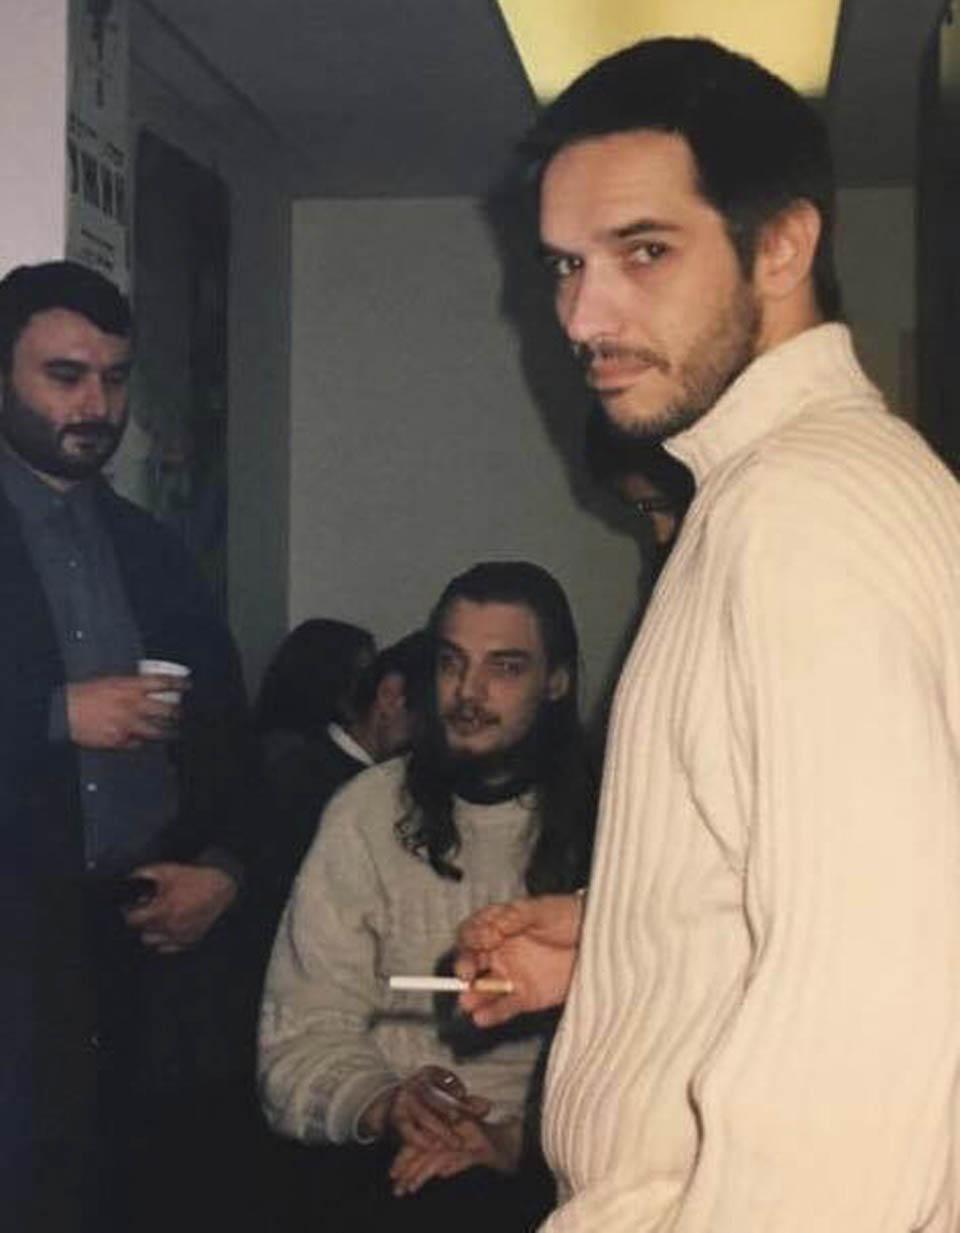 В студии Артемия Лебедева, 1998 г.  Антон Носик, Николай Данилов, Дима Ицкович. Фото: Игорь Рубинштейн